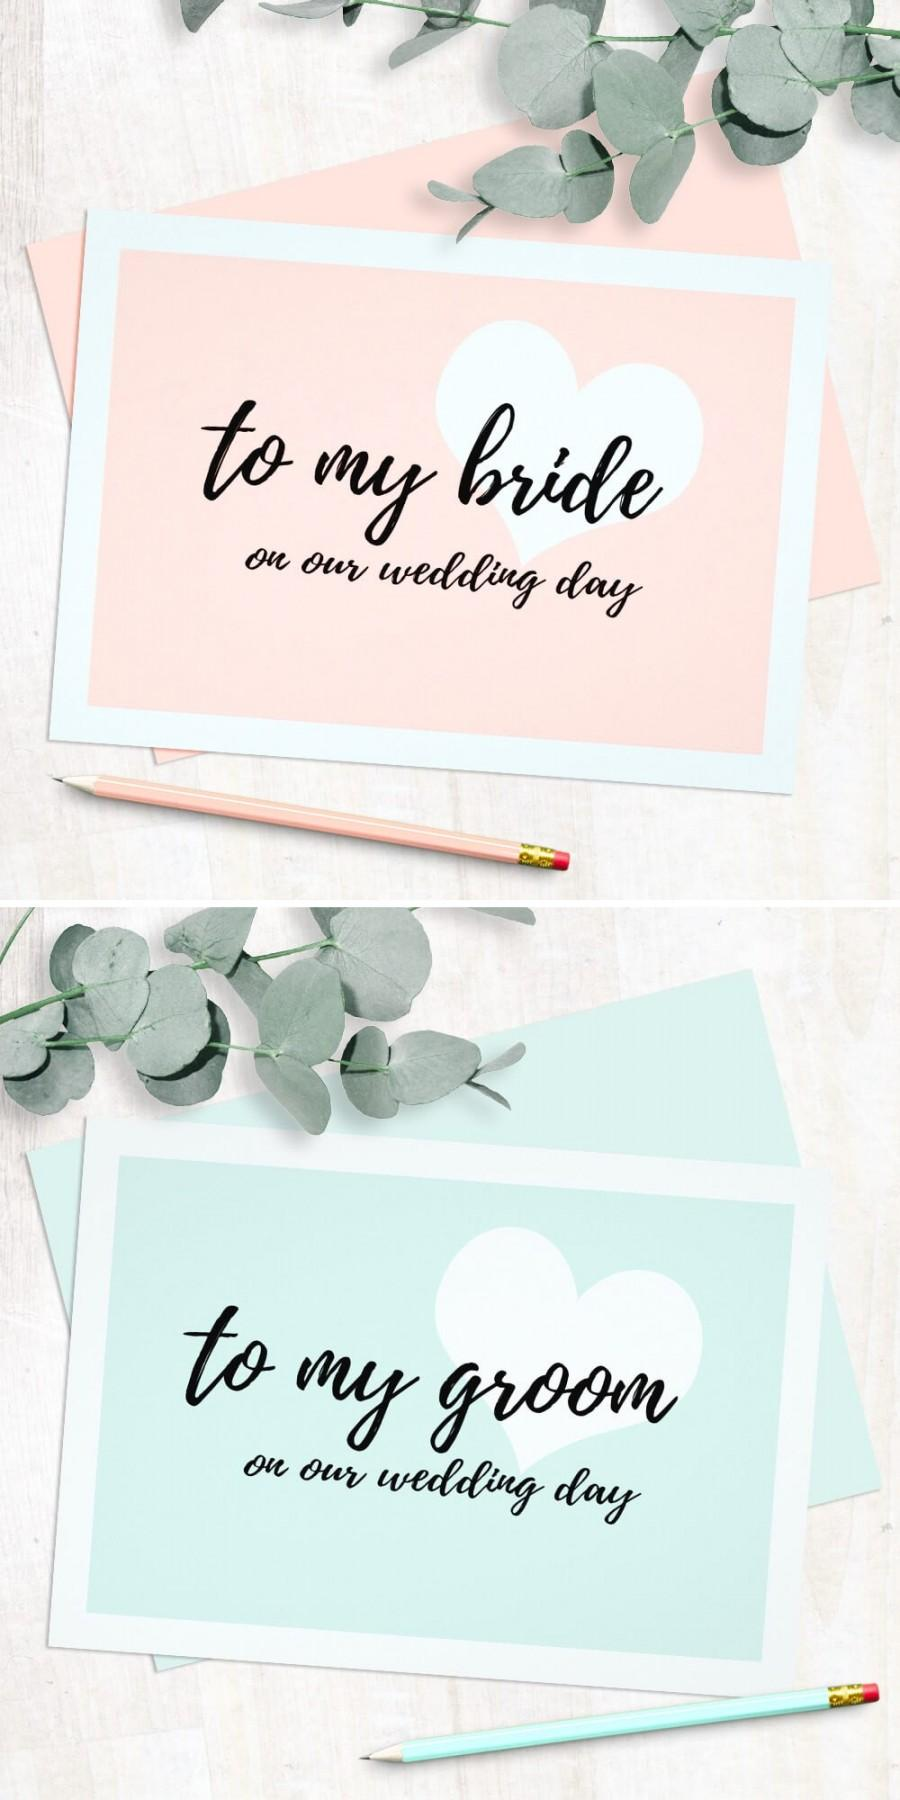 زفاف - Cute Modern Script Style Wedding Day Cards